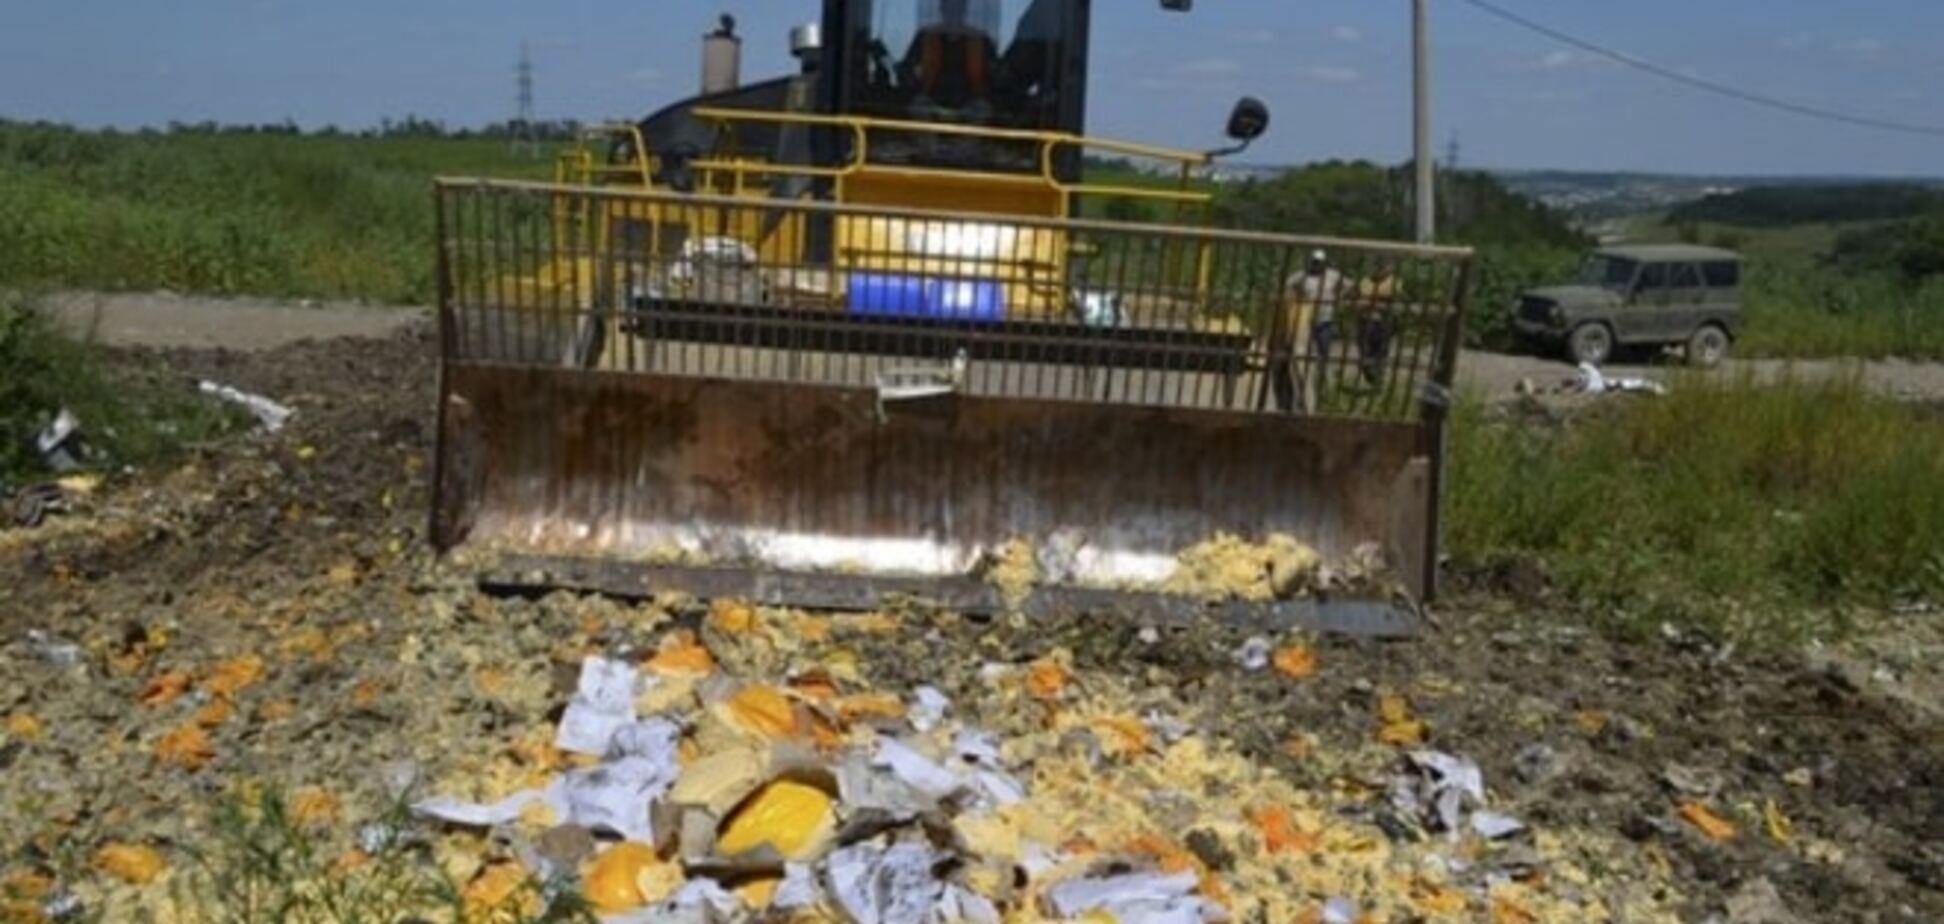 Съел хамон — жди ОМОН! В сети появились частушки об уничтожении продуктов в России